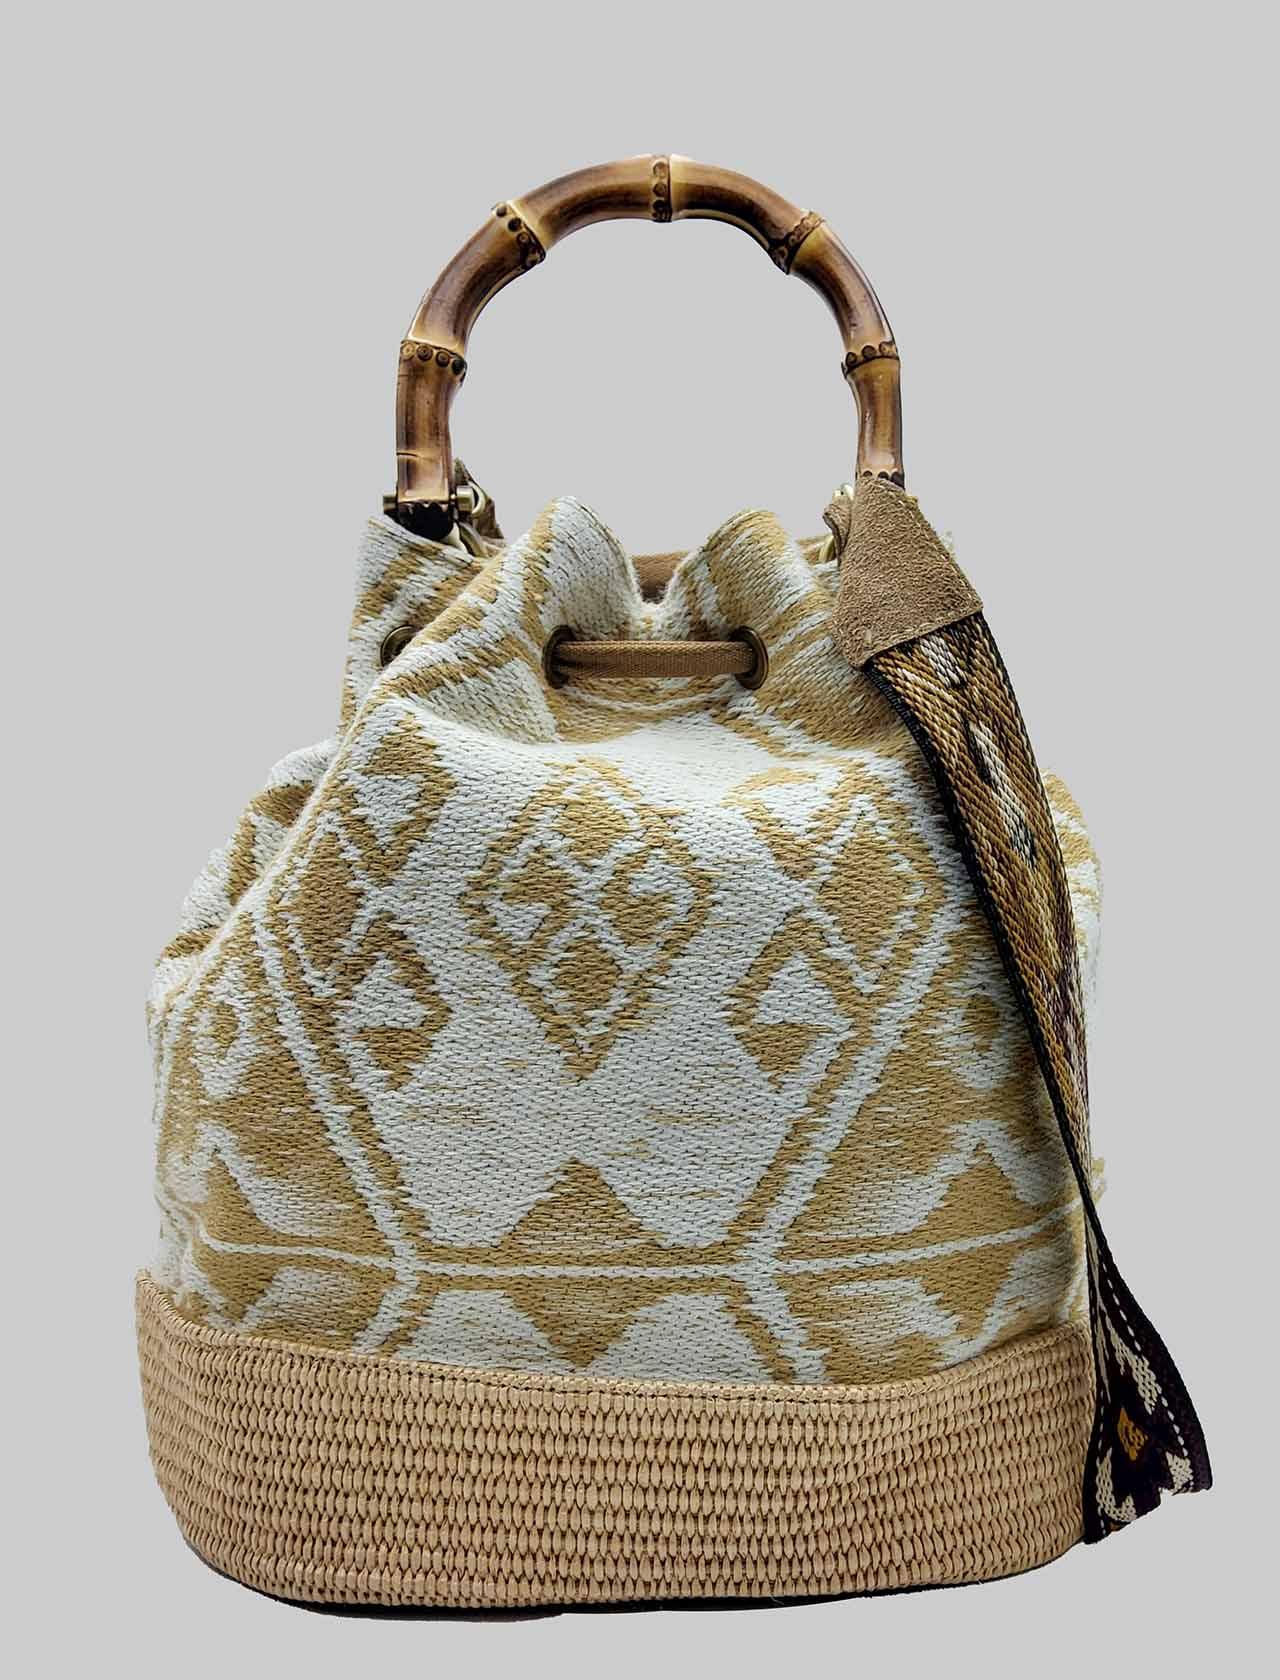 Borsa Donna Secchiello Jacquard Naturale con Frange e Manici in Bamboo Via Mail Bag   Borse e zaini   GIPSYK01